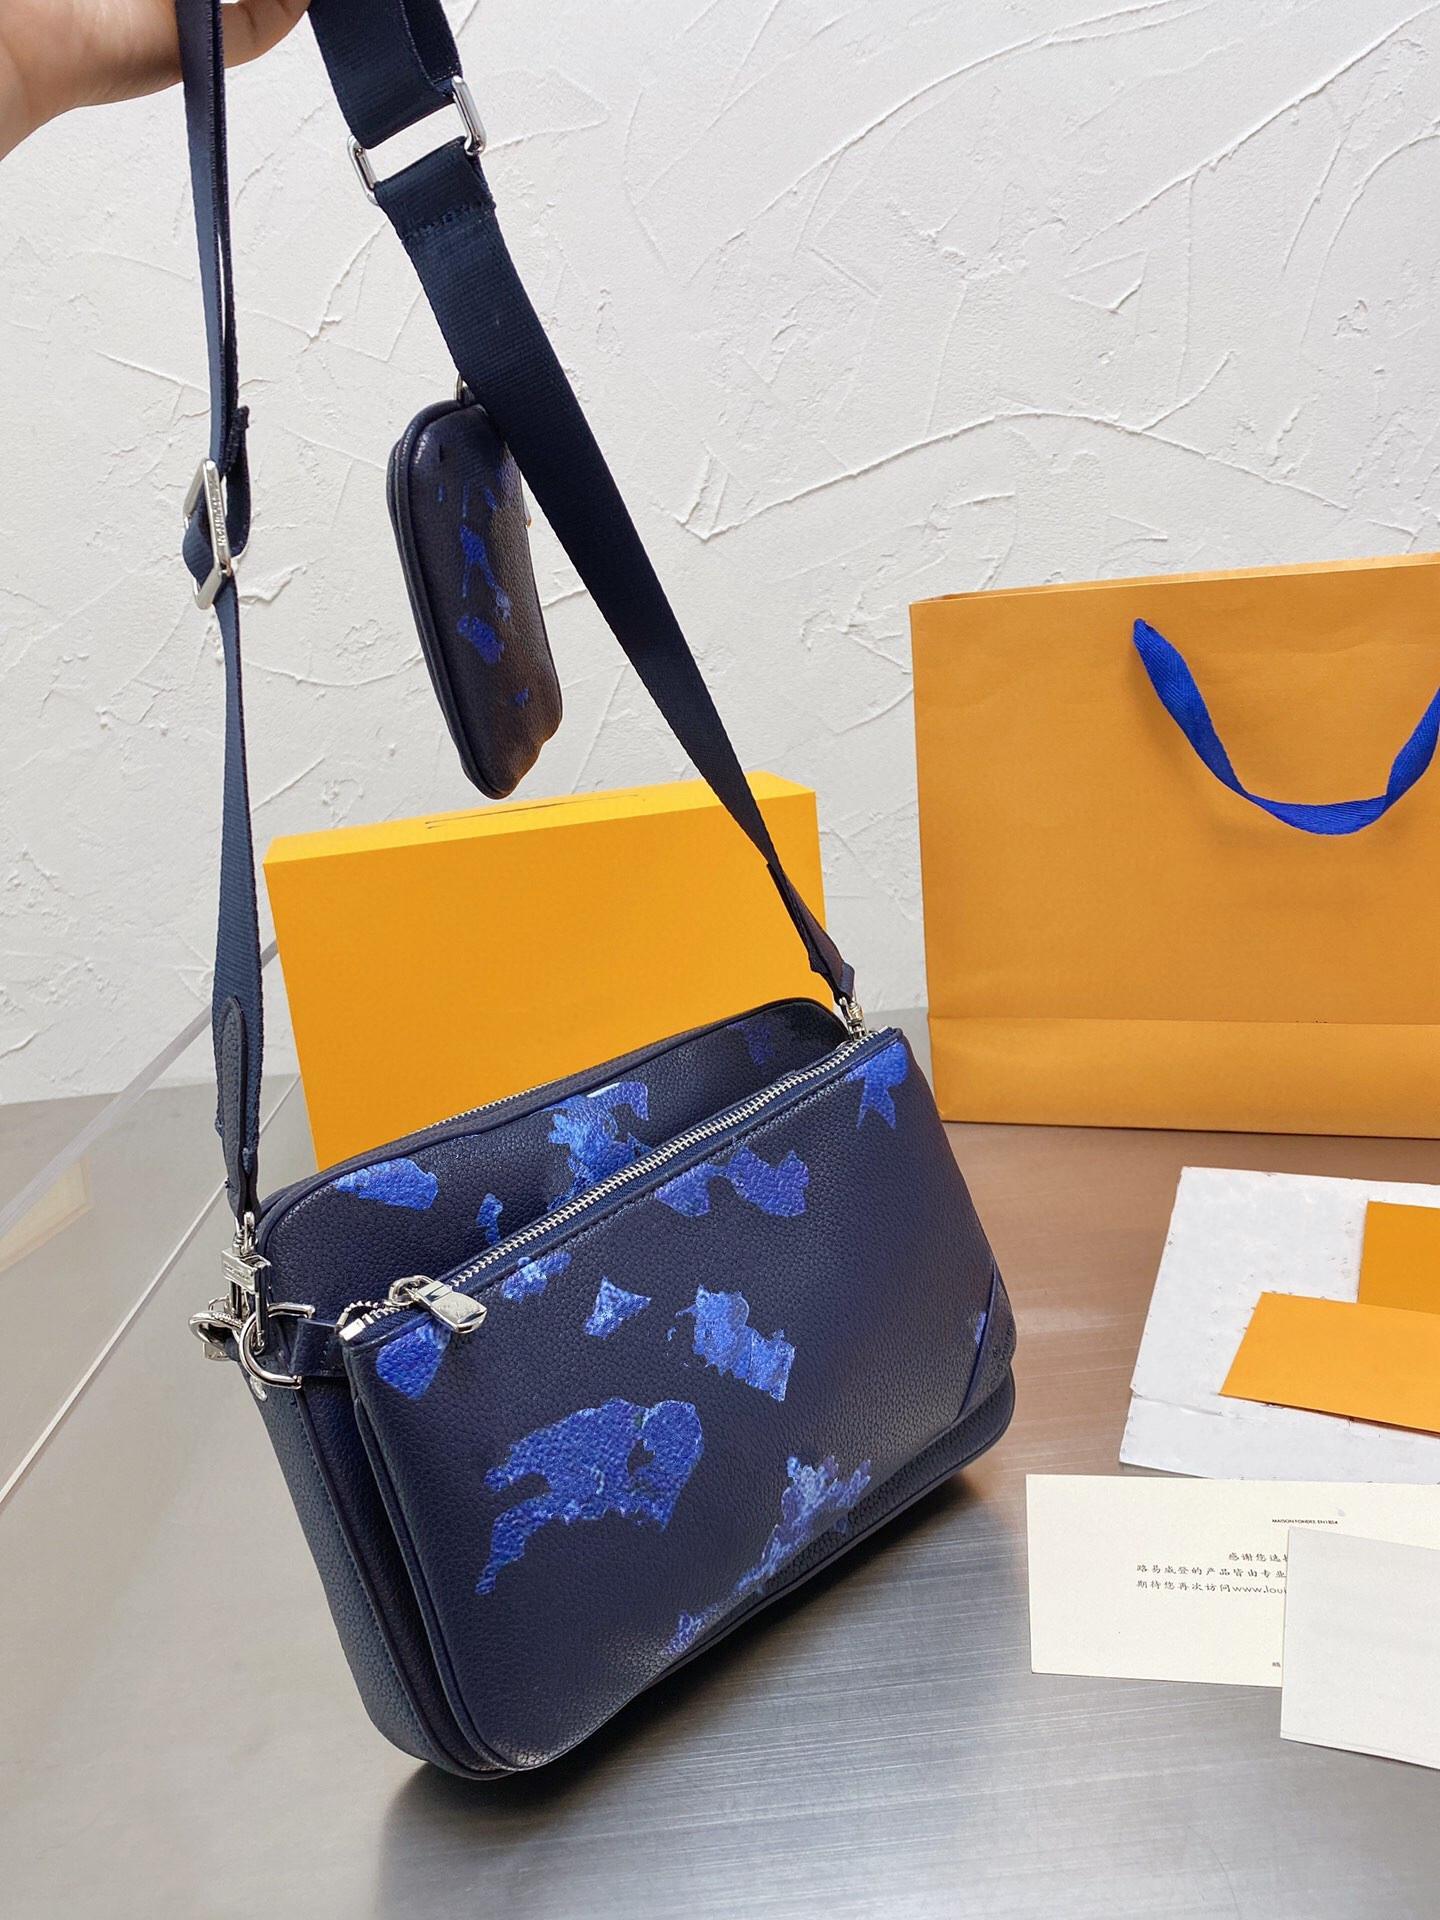 Moda Designers Mens Última Chegada Crossbody Bag Couro Três-em-One Bags 2021 Luxurys Messenger Classic Bolsas